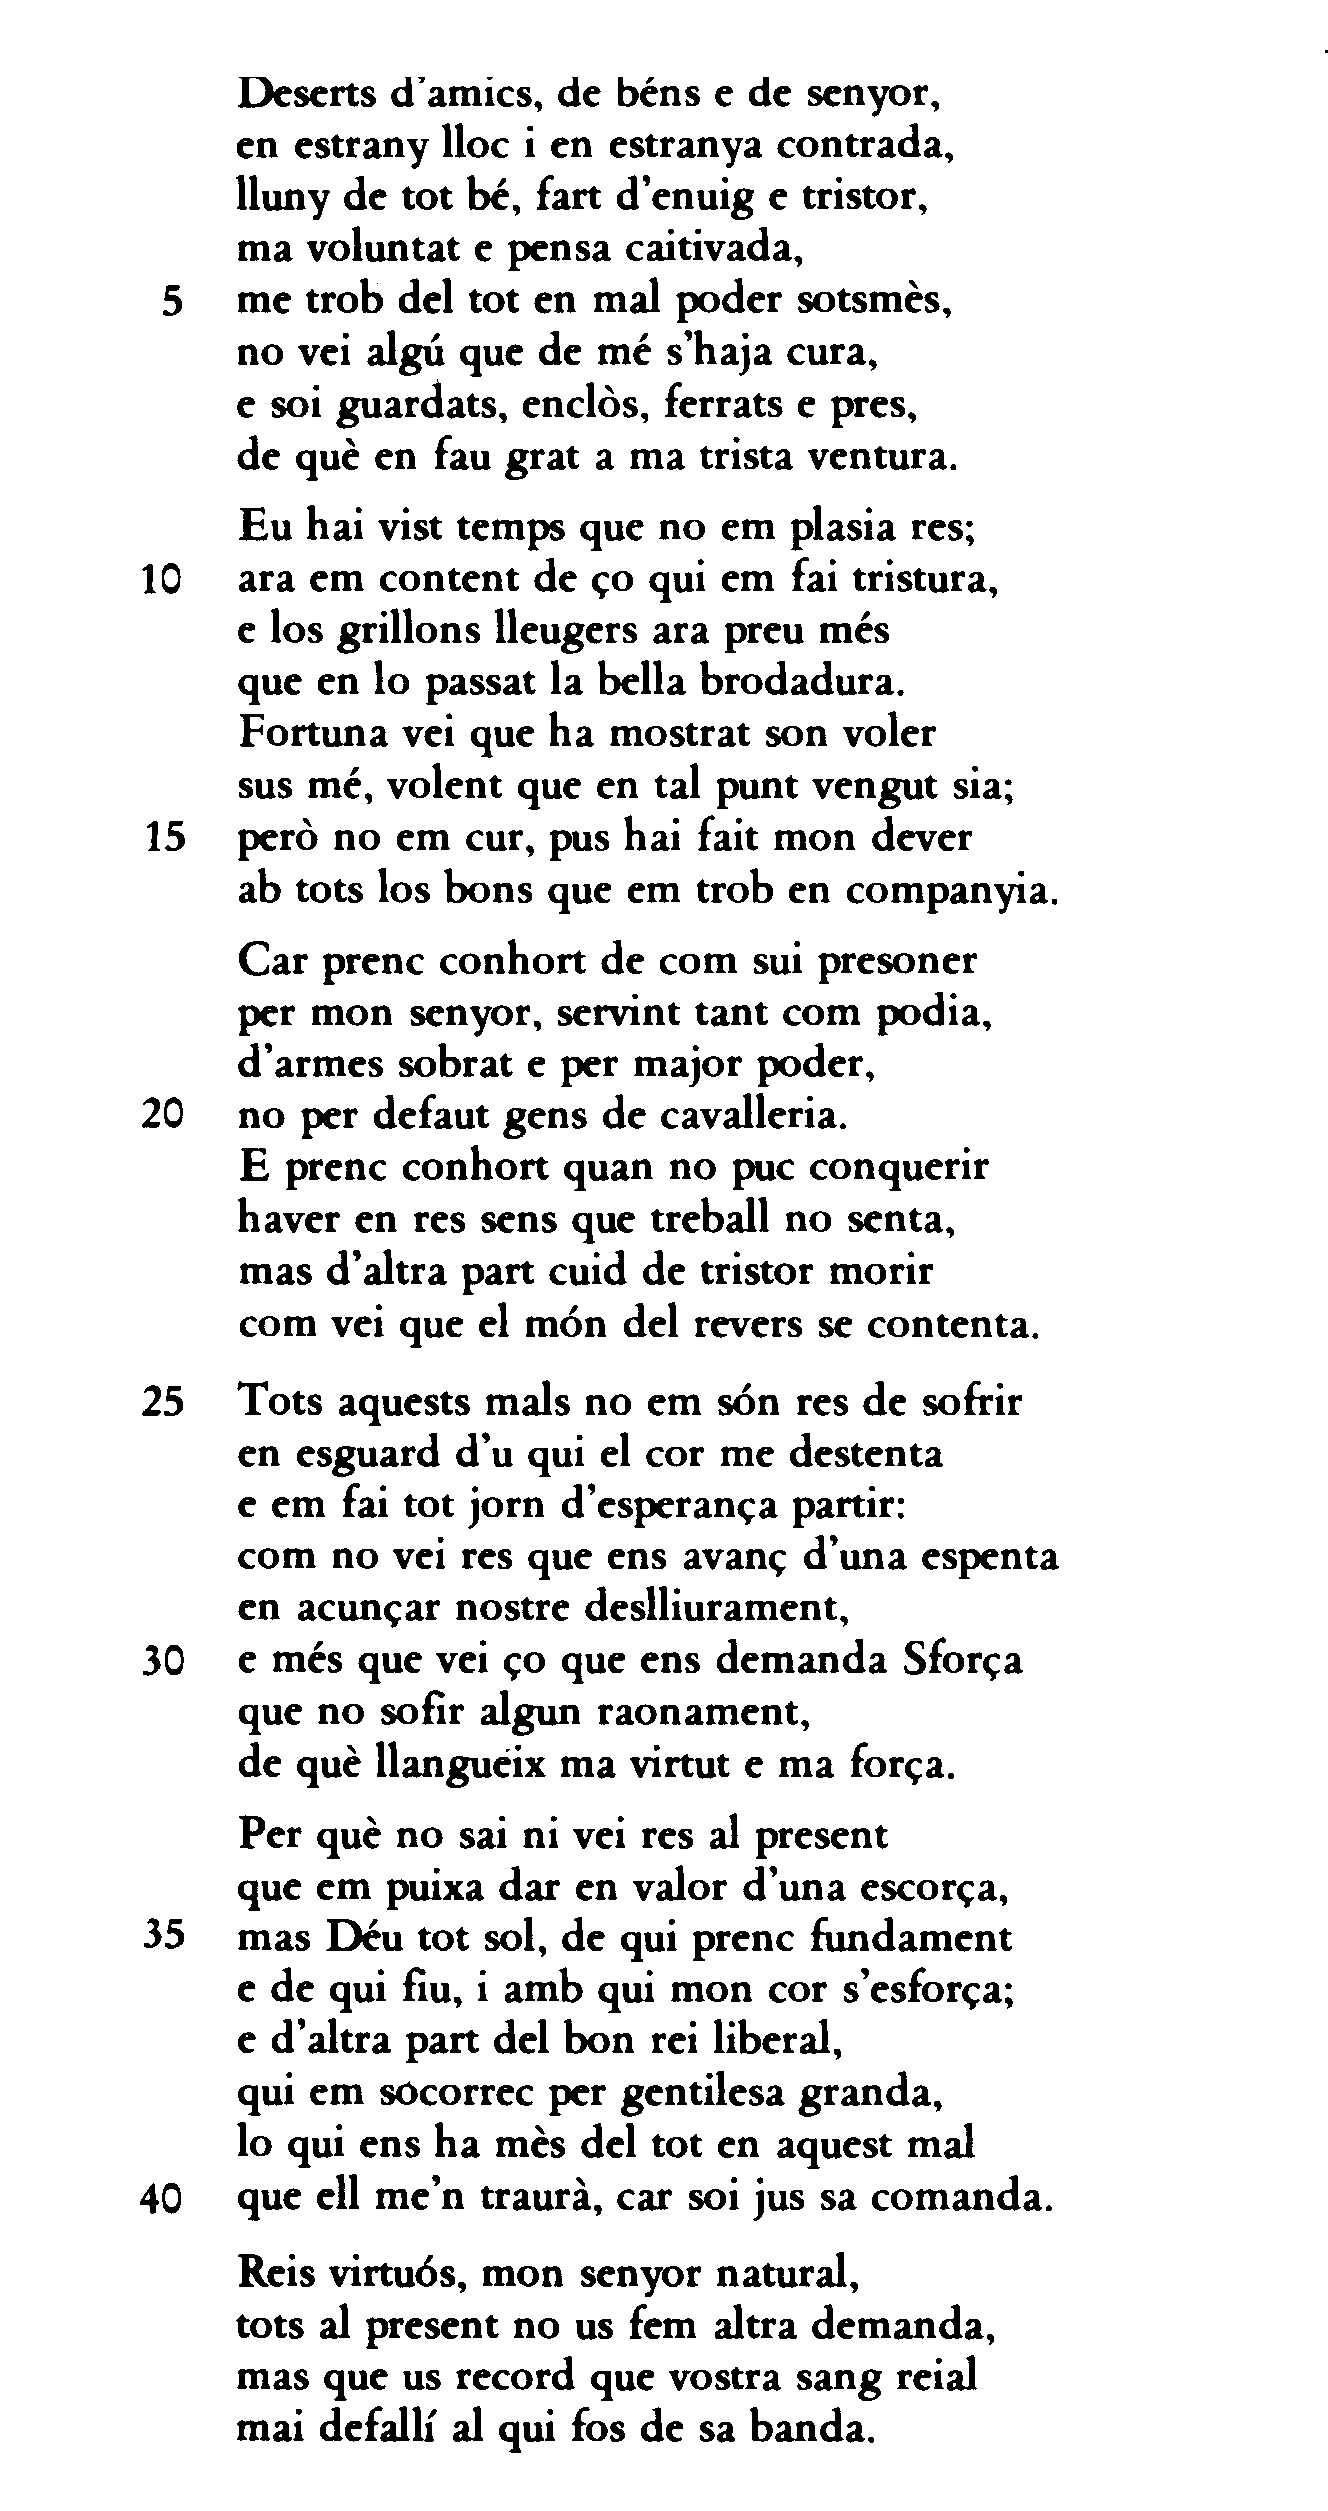 Presoner; Jordi de Sant Jordi